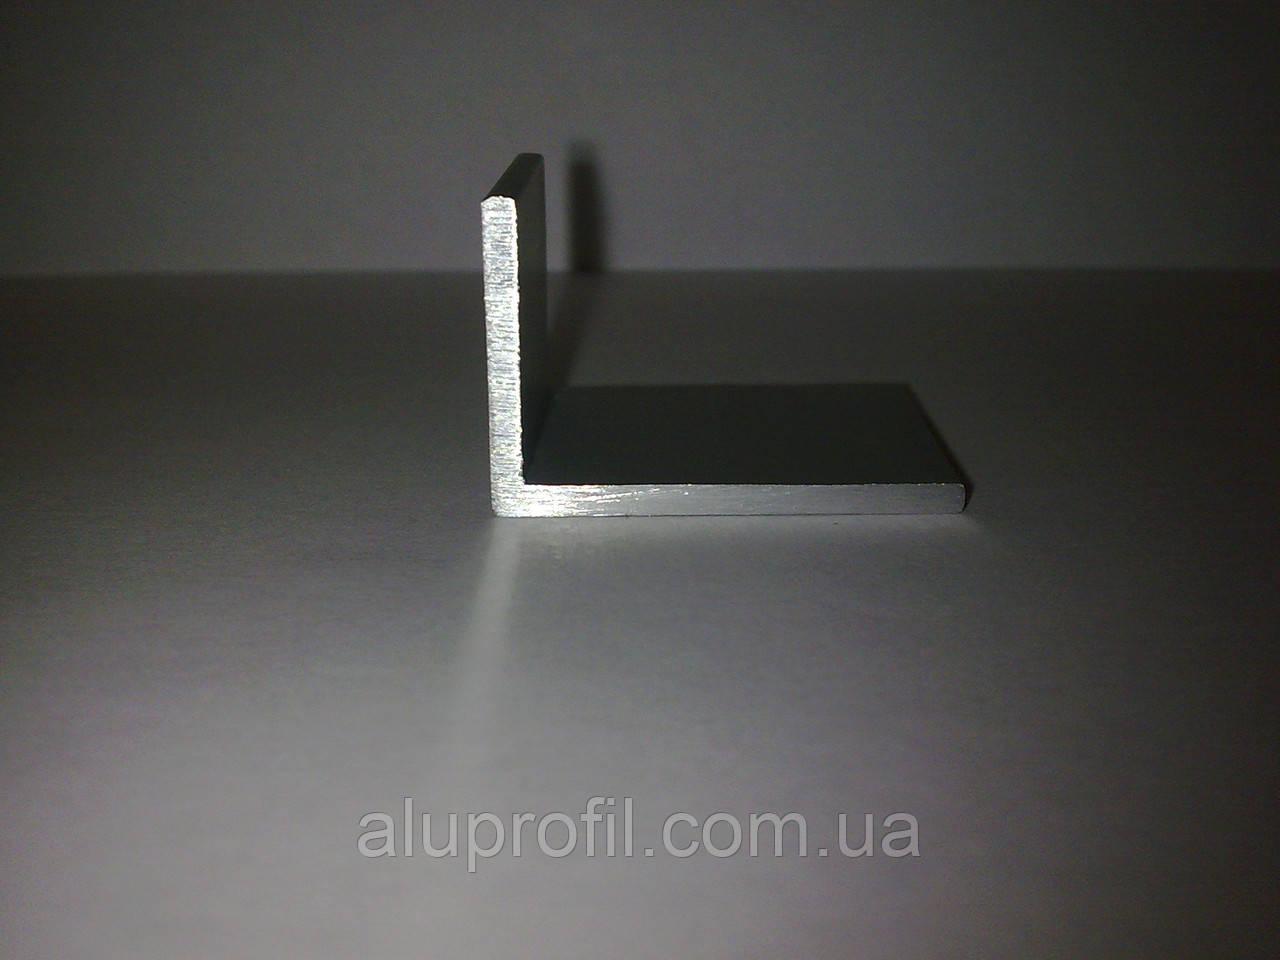 Алюминиевый профиль — уголок алюминиевый 30х20х1,2 AS